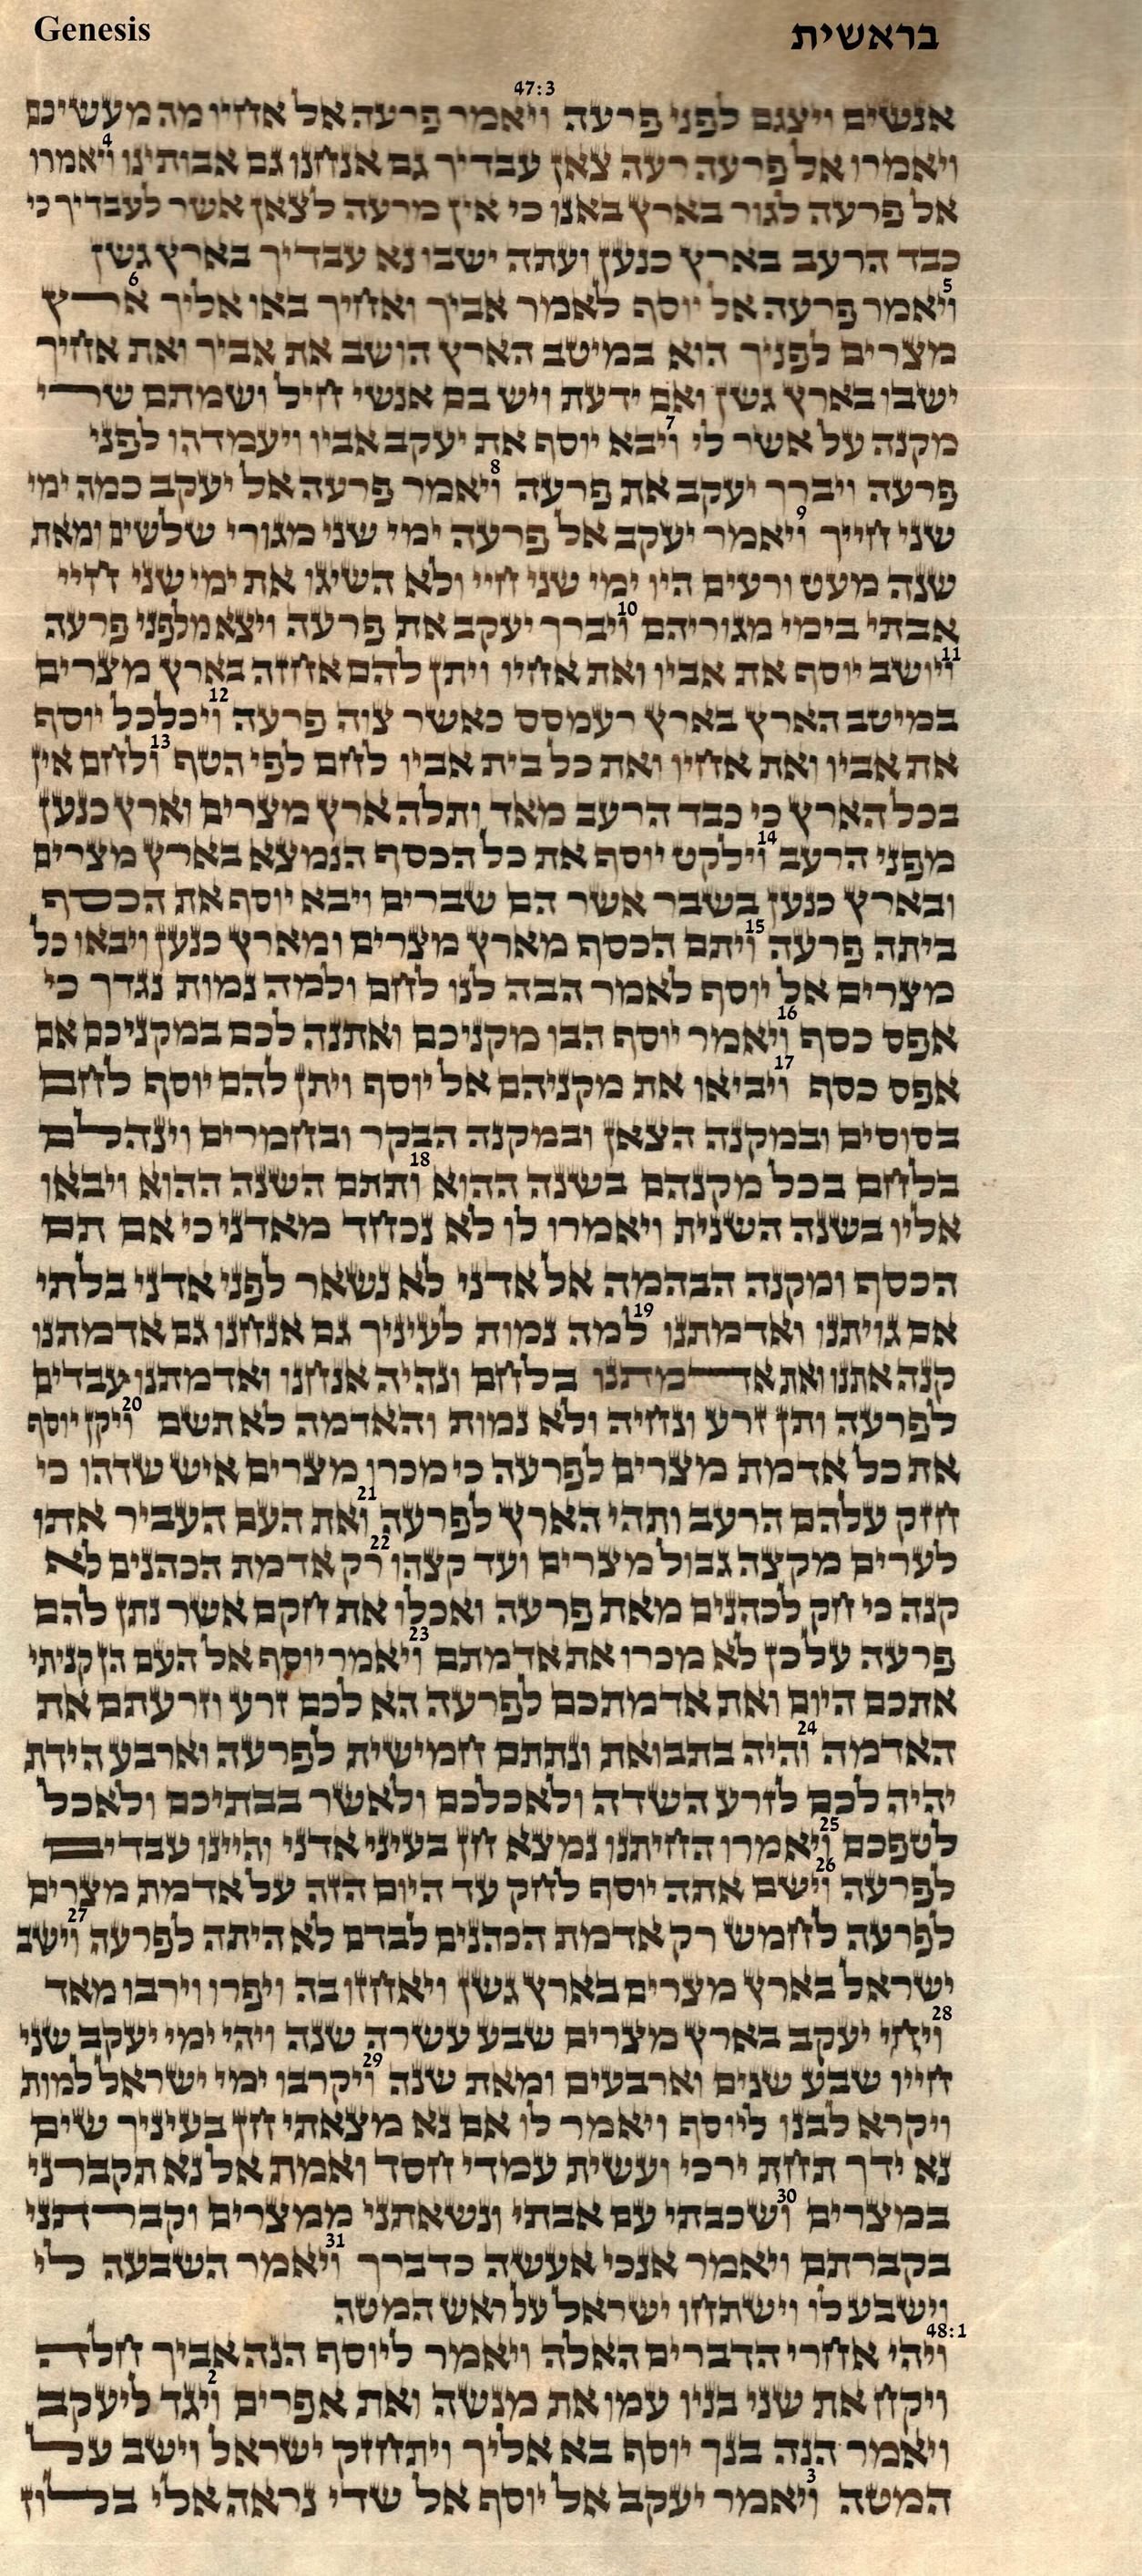 Genesis 47.3 - 48.3